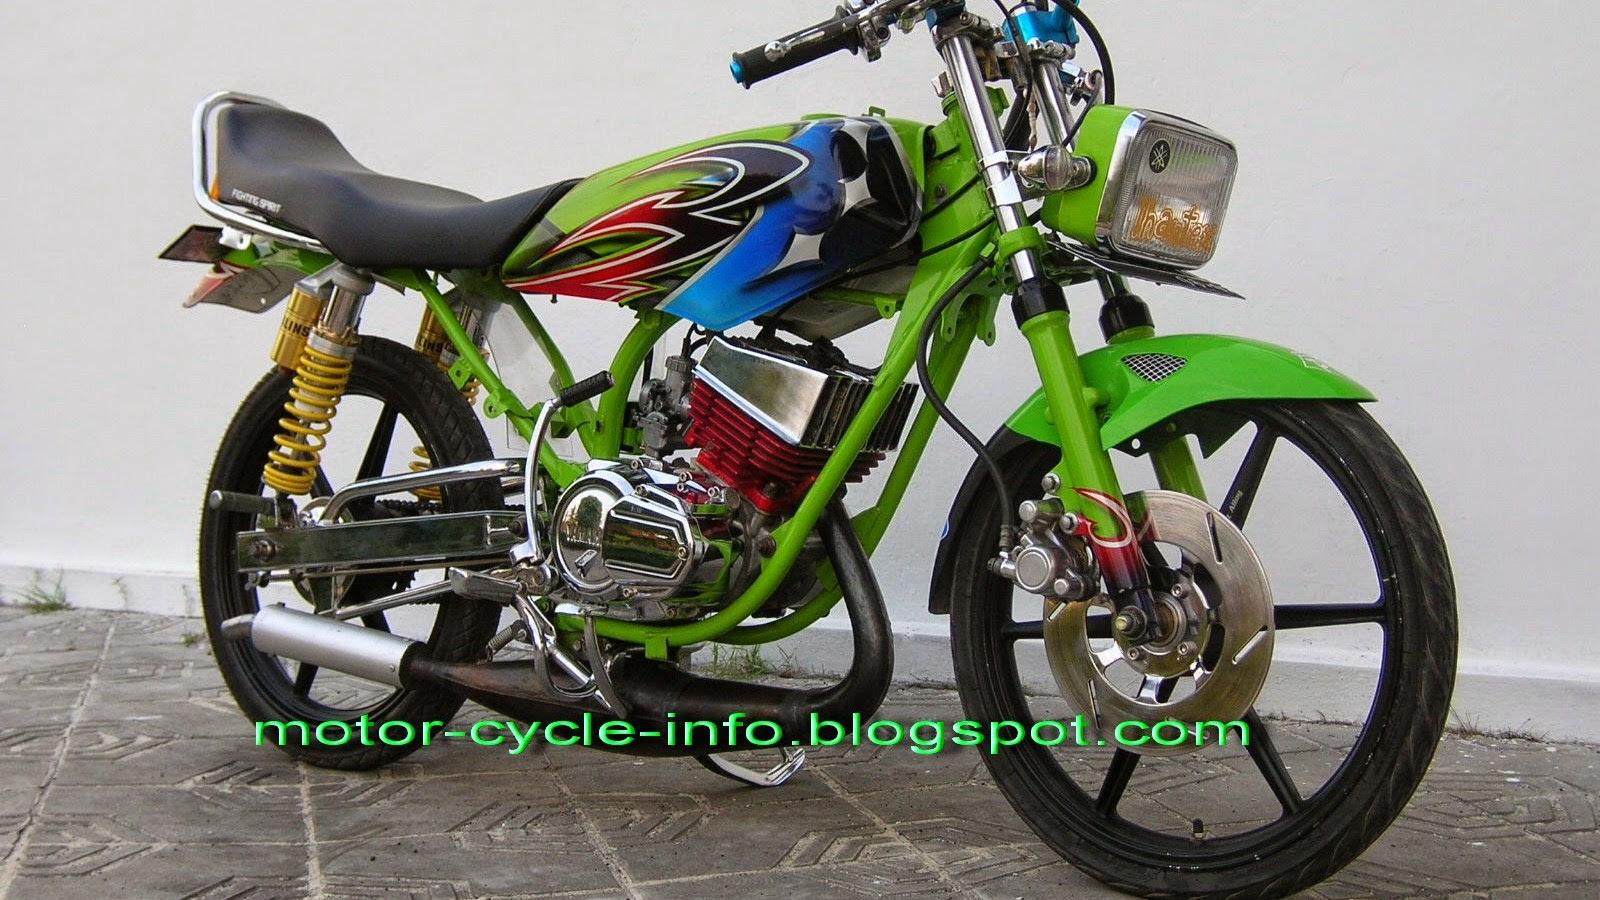 73 Modifikasi Motor Drag Honda Blade Terkeren Gudeg Motor